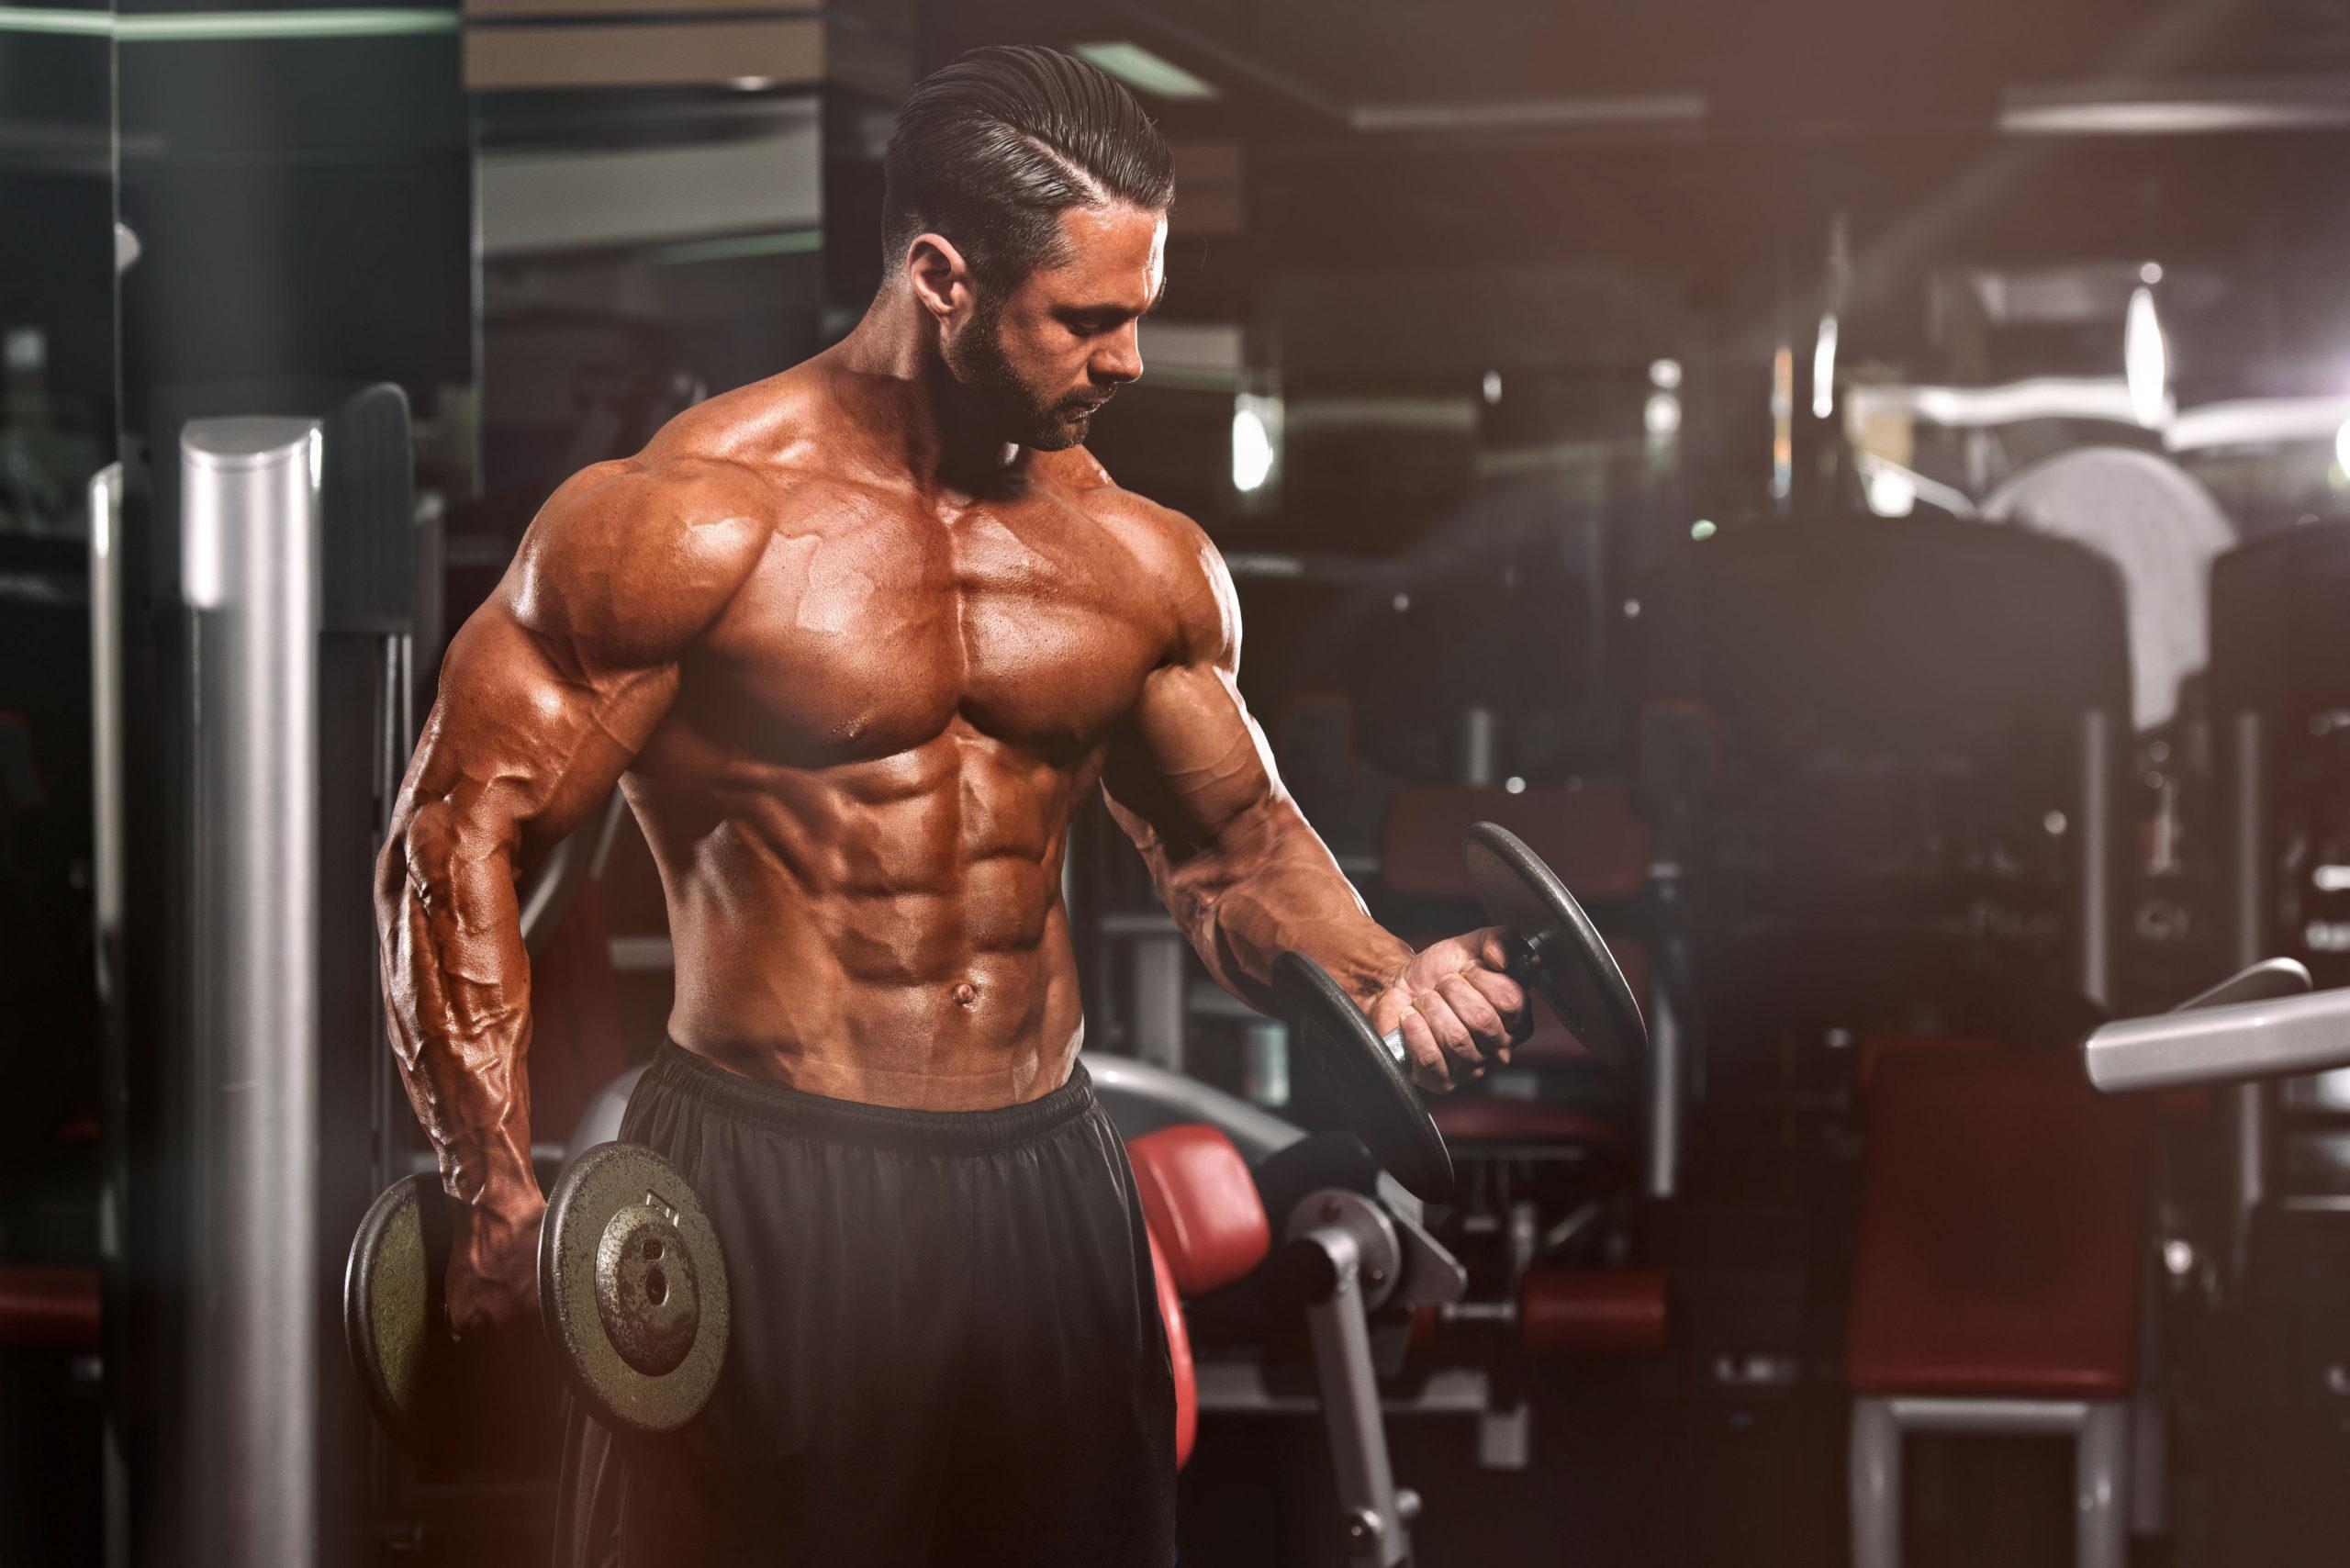 El entrenamiento muscular y el orden de los ejercicios